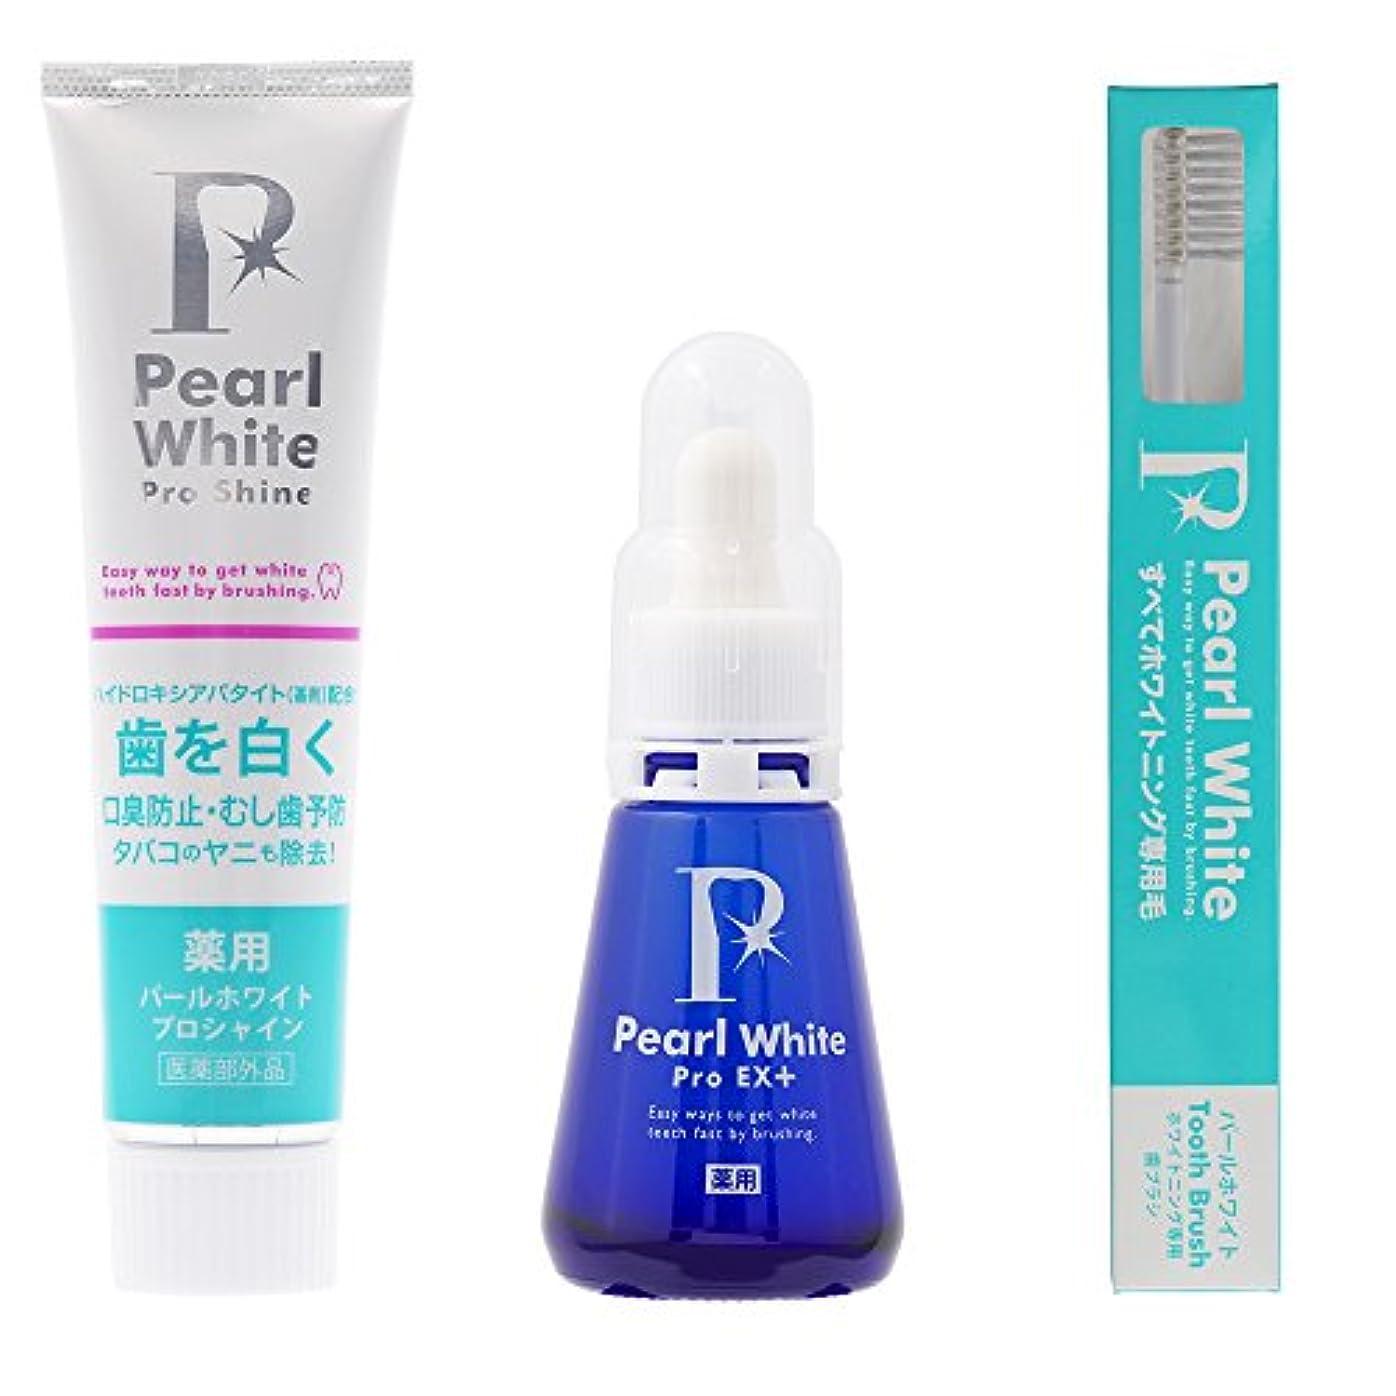 発生する昼寝気がついて新!薬用パール ホワイト プロ EXプラス1本+シャイン120g 1本+専用歯ブラシ 限定セット ホワイトニング 口臭除去